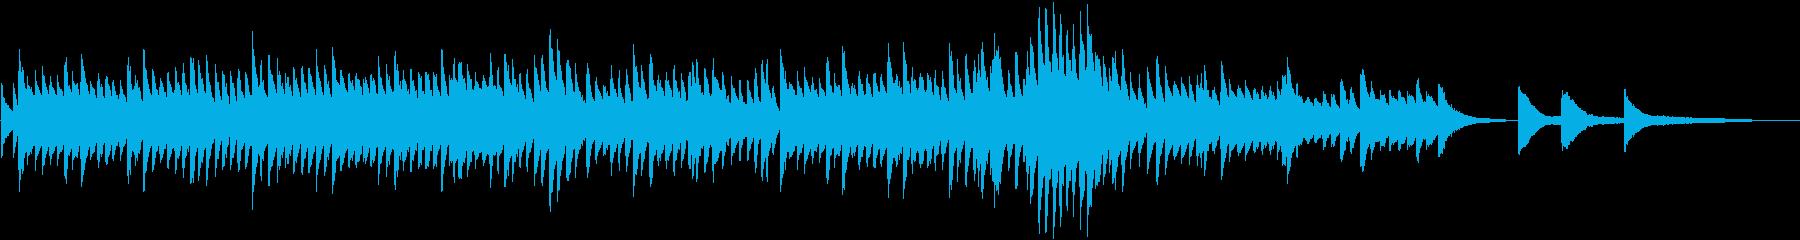 前奏曲第4番/ショパン【ピアノソロ】の再生済みの波形